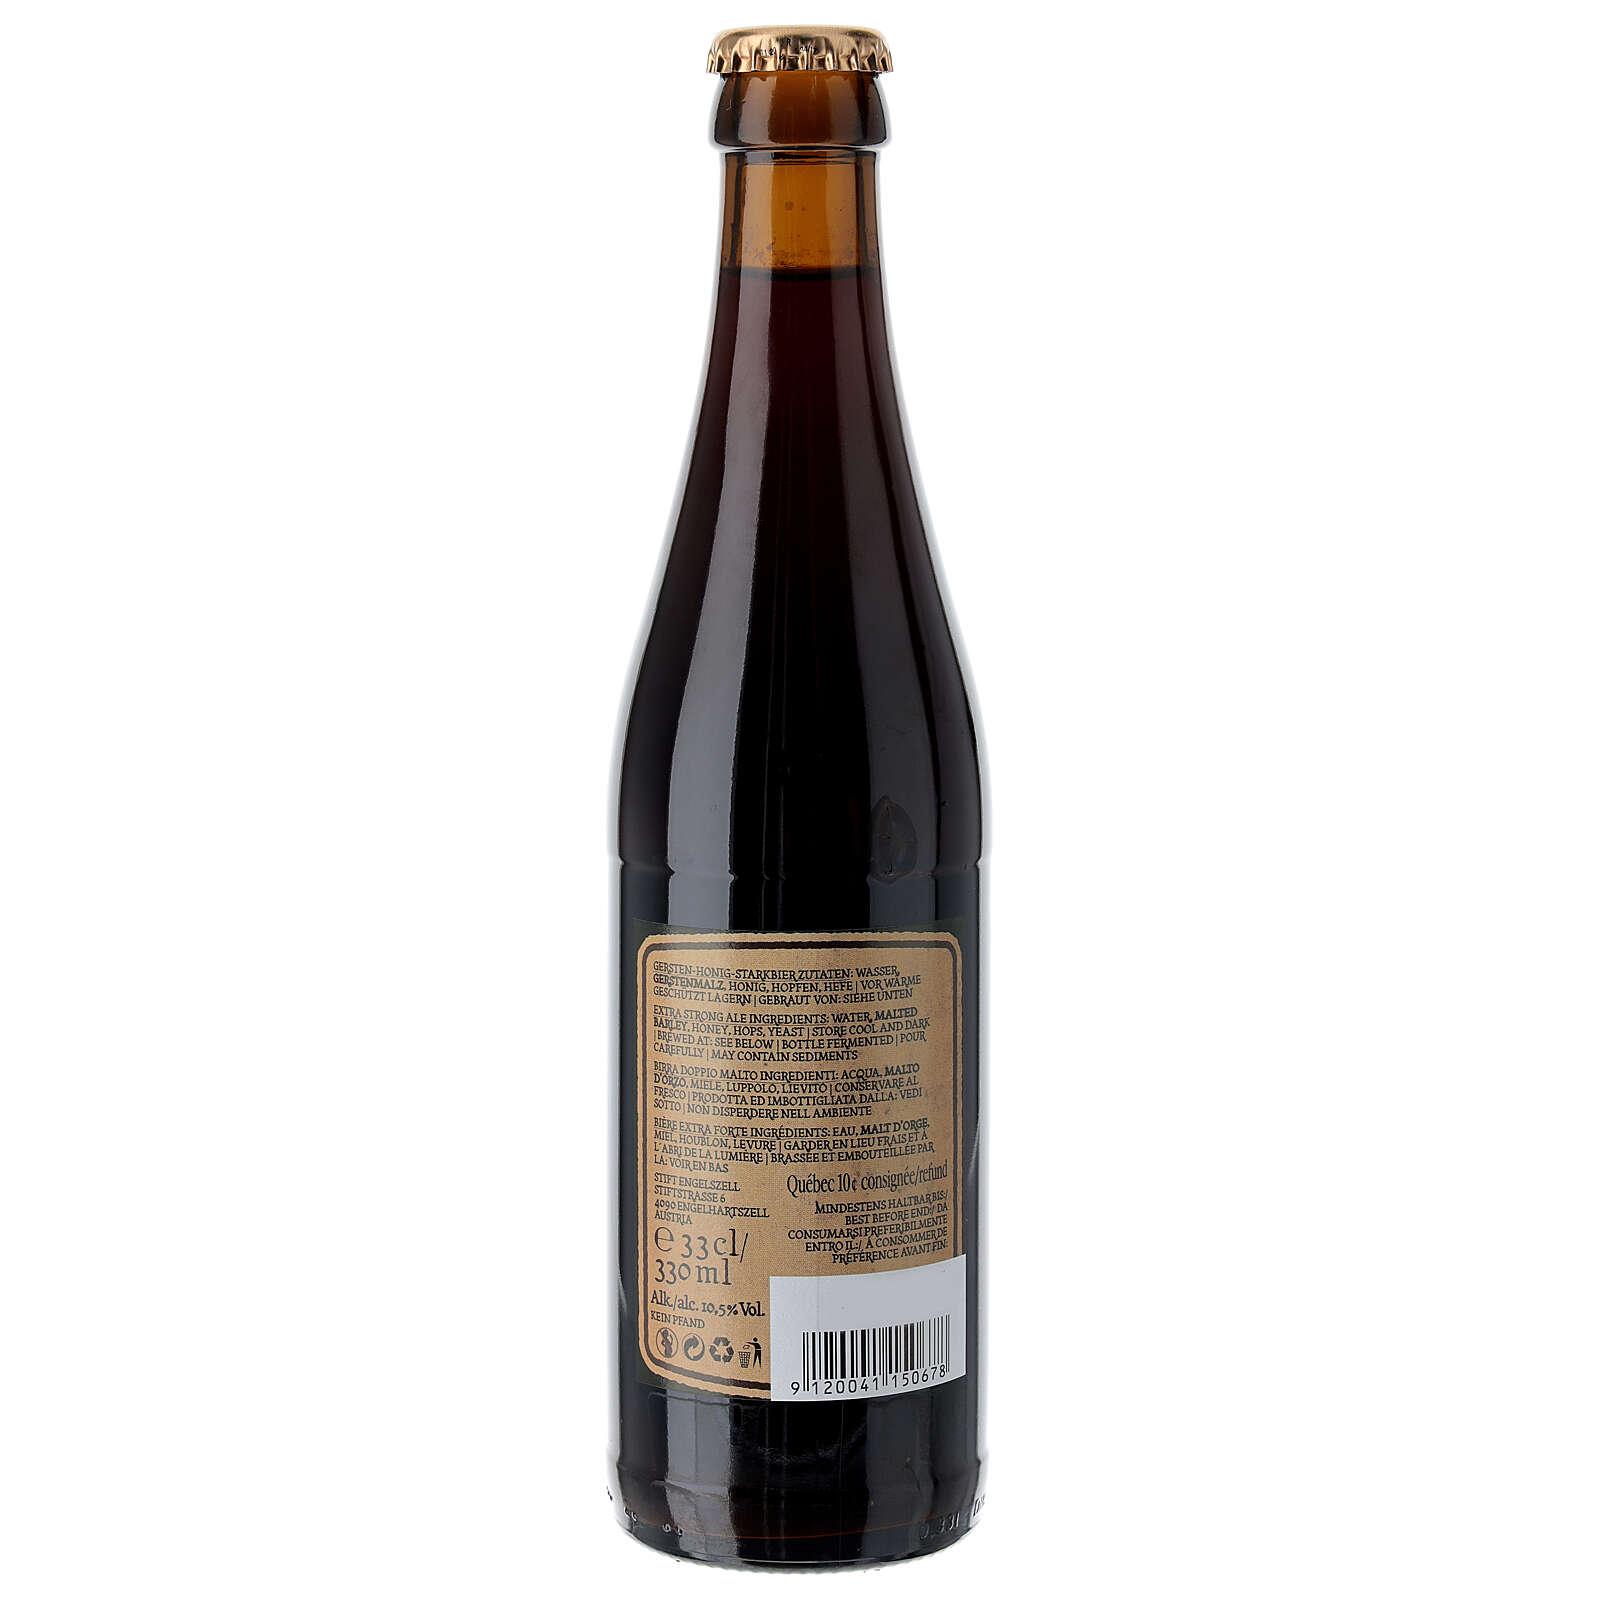 Bière Engelszell Gregorius Trappiste marque d'authenticité 33 cl 3